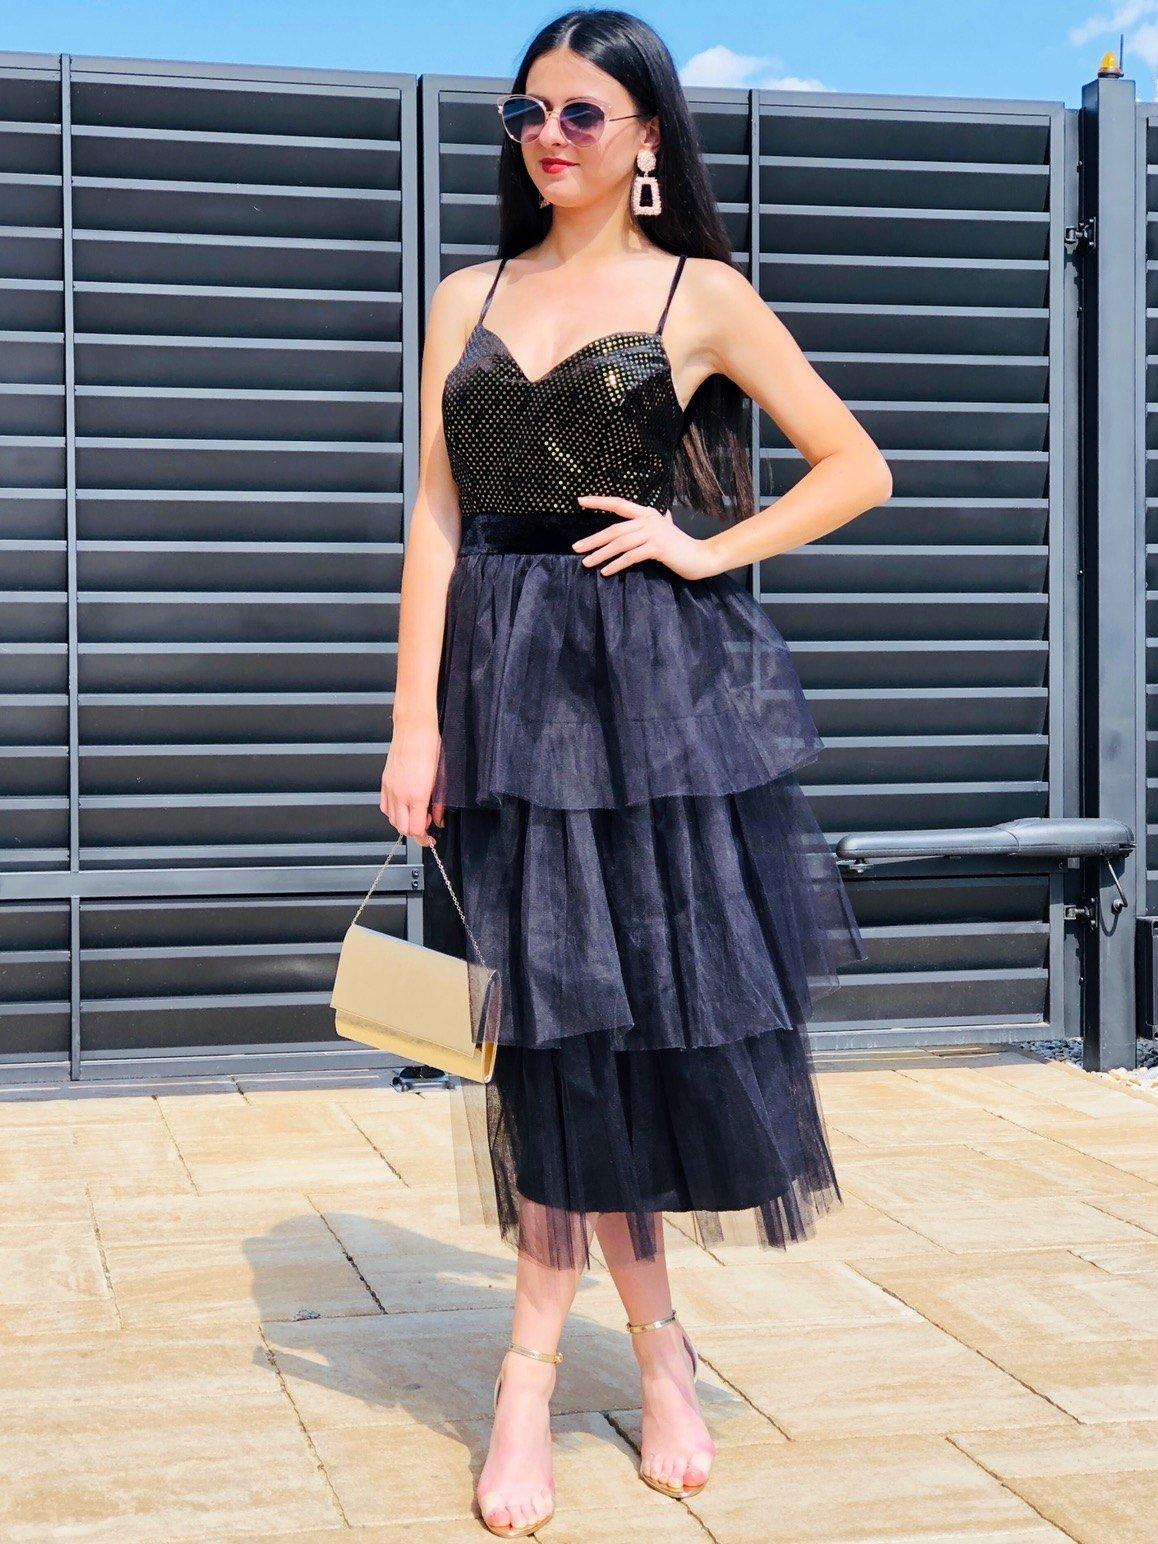 96515456d Dámske spoločenské šaty Siazu | WEBmoda.sk - štýlová móda lacno